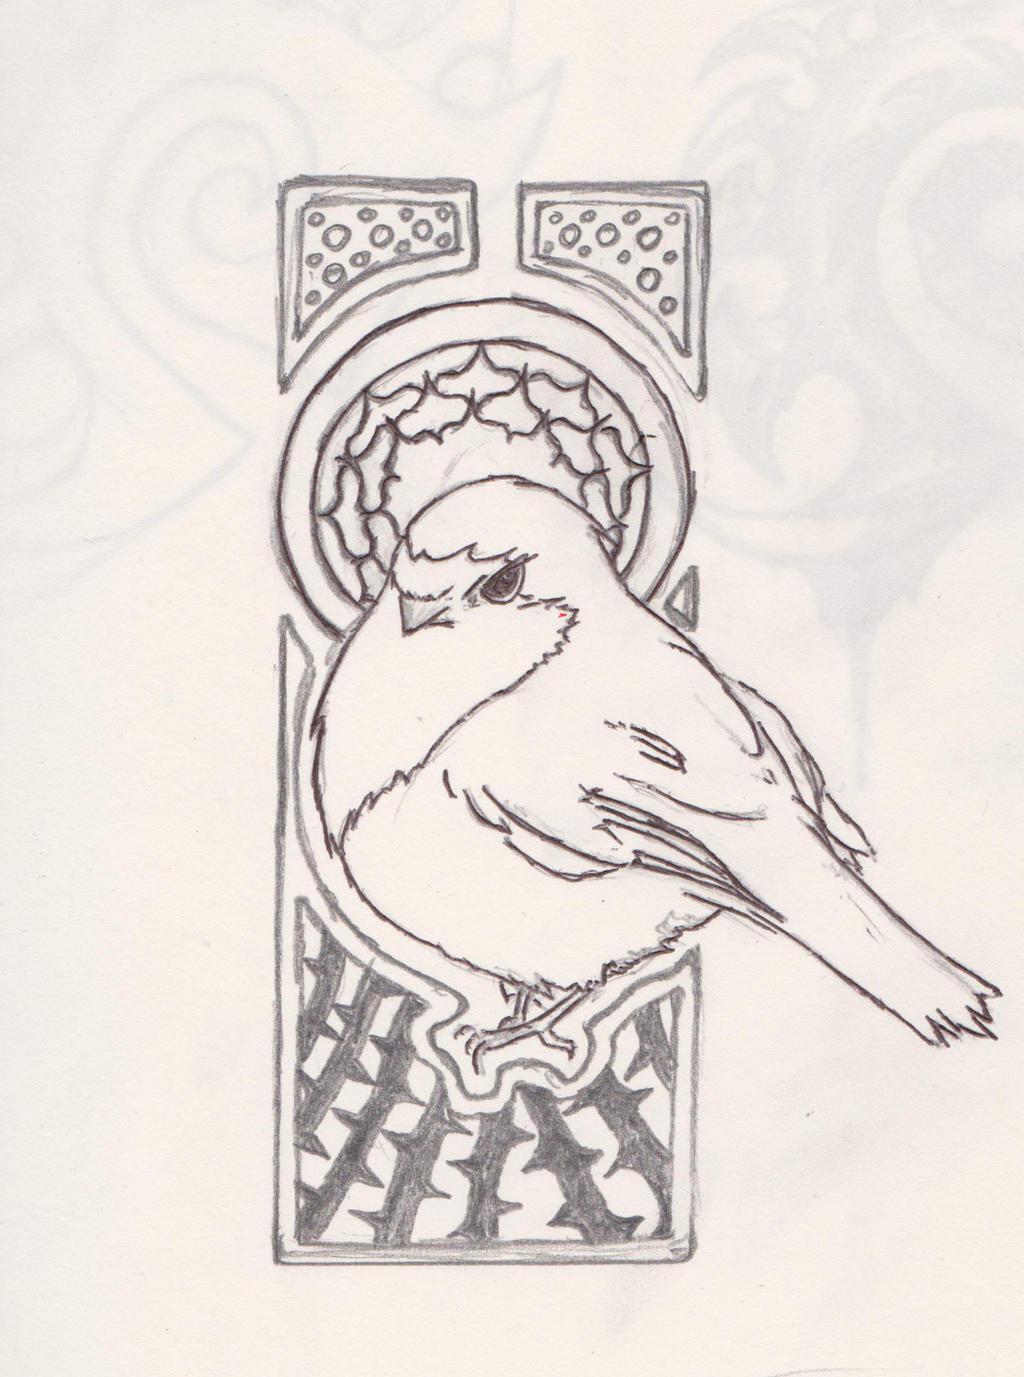 ... Lonely Little Robin (Tattoo Design) By JLMaze